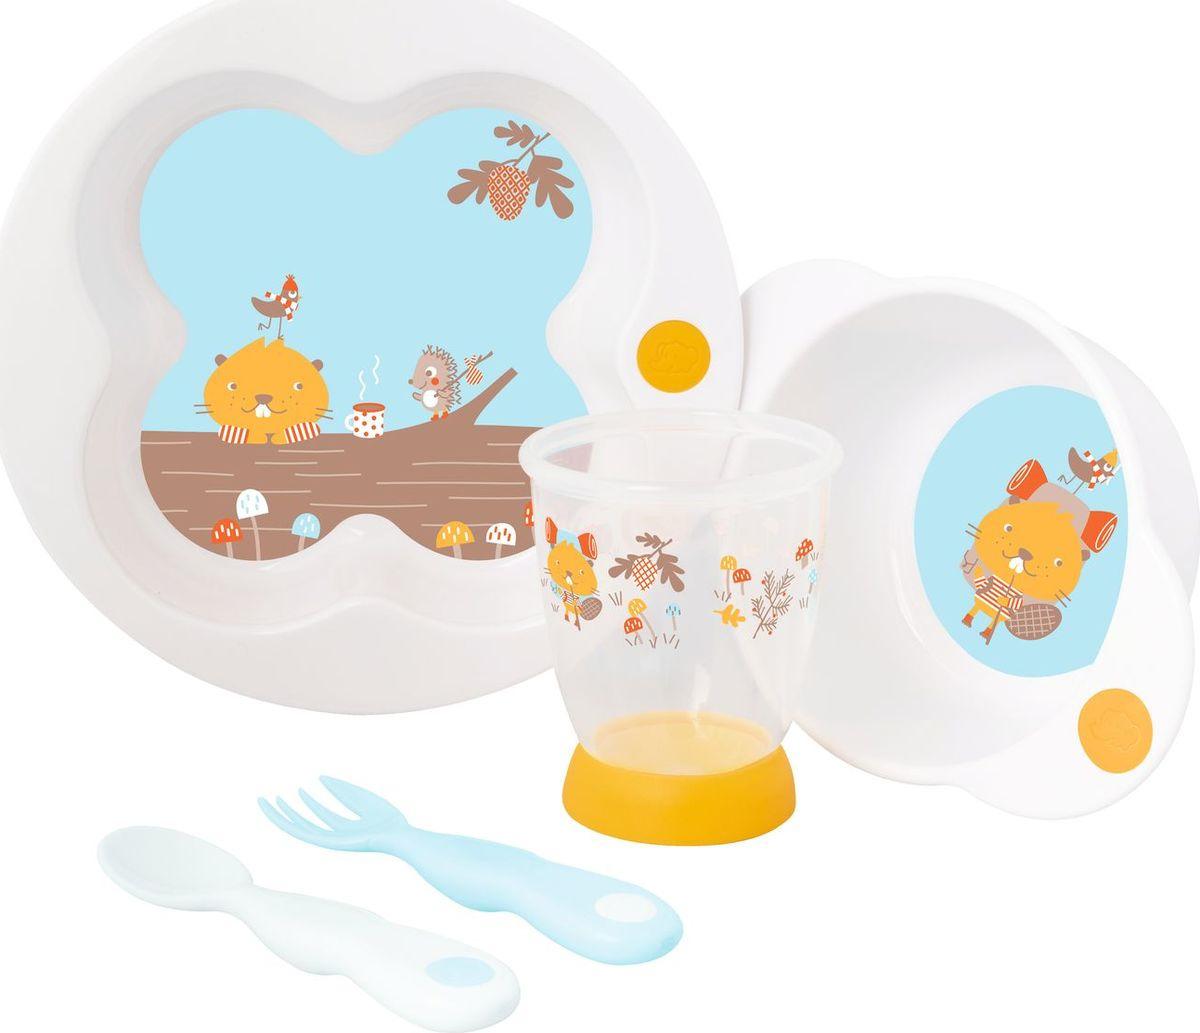 Набор посуды для кормления Bebe Confort Woodcamp тарелка + миска + стаканчик + ложка + вилка, 3105205200, белый, голубой набор из трех зубных щеток bebe confort 0 36 месяцев